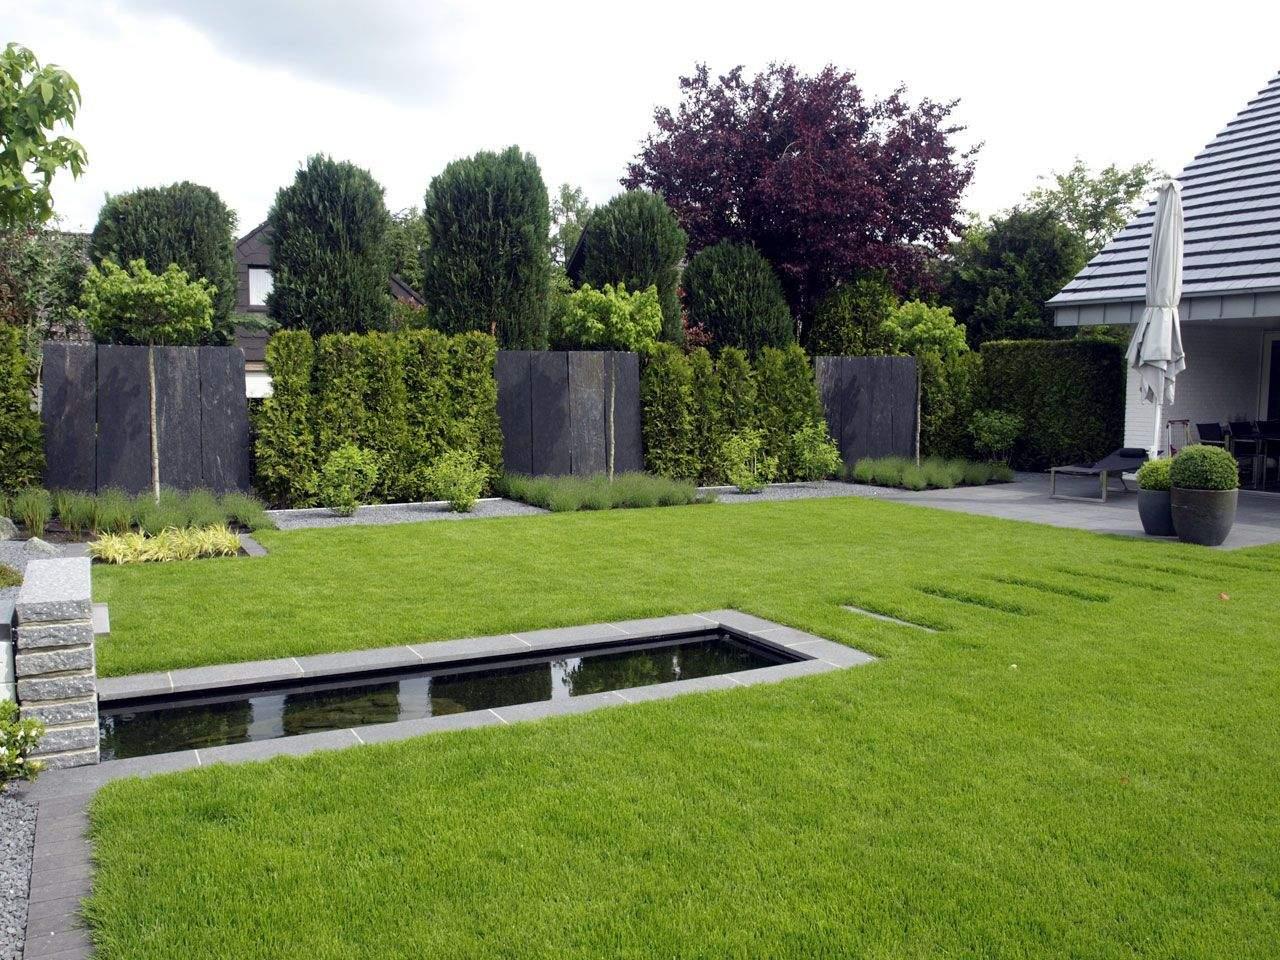 Wasserspiel Garten Modern Reizend Gärten Geradlinig Gestaltet